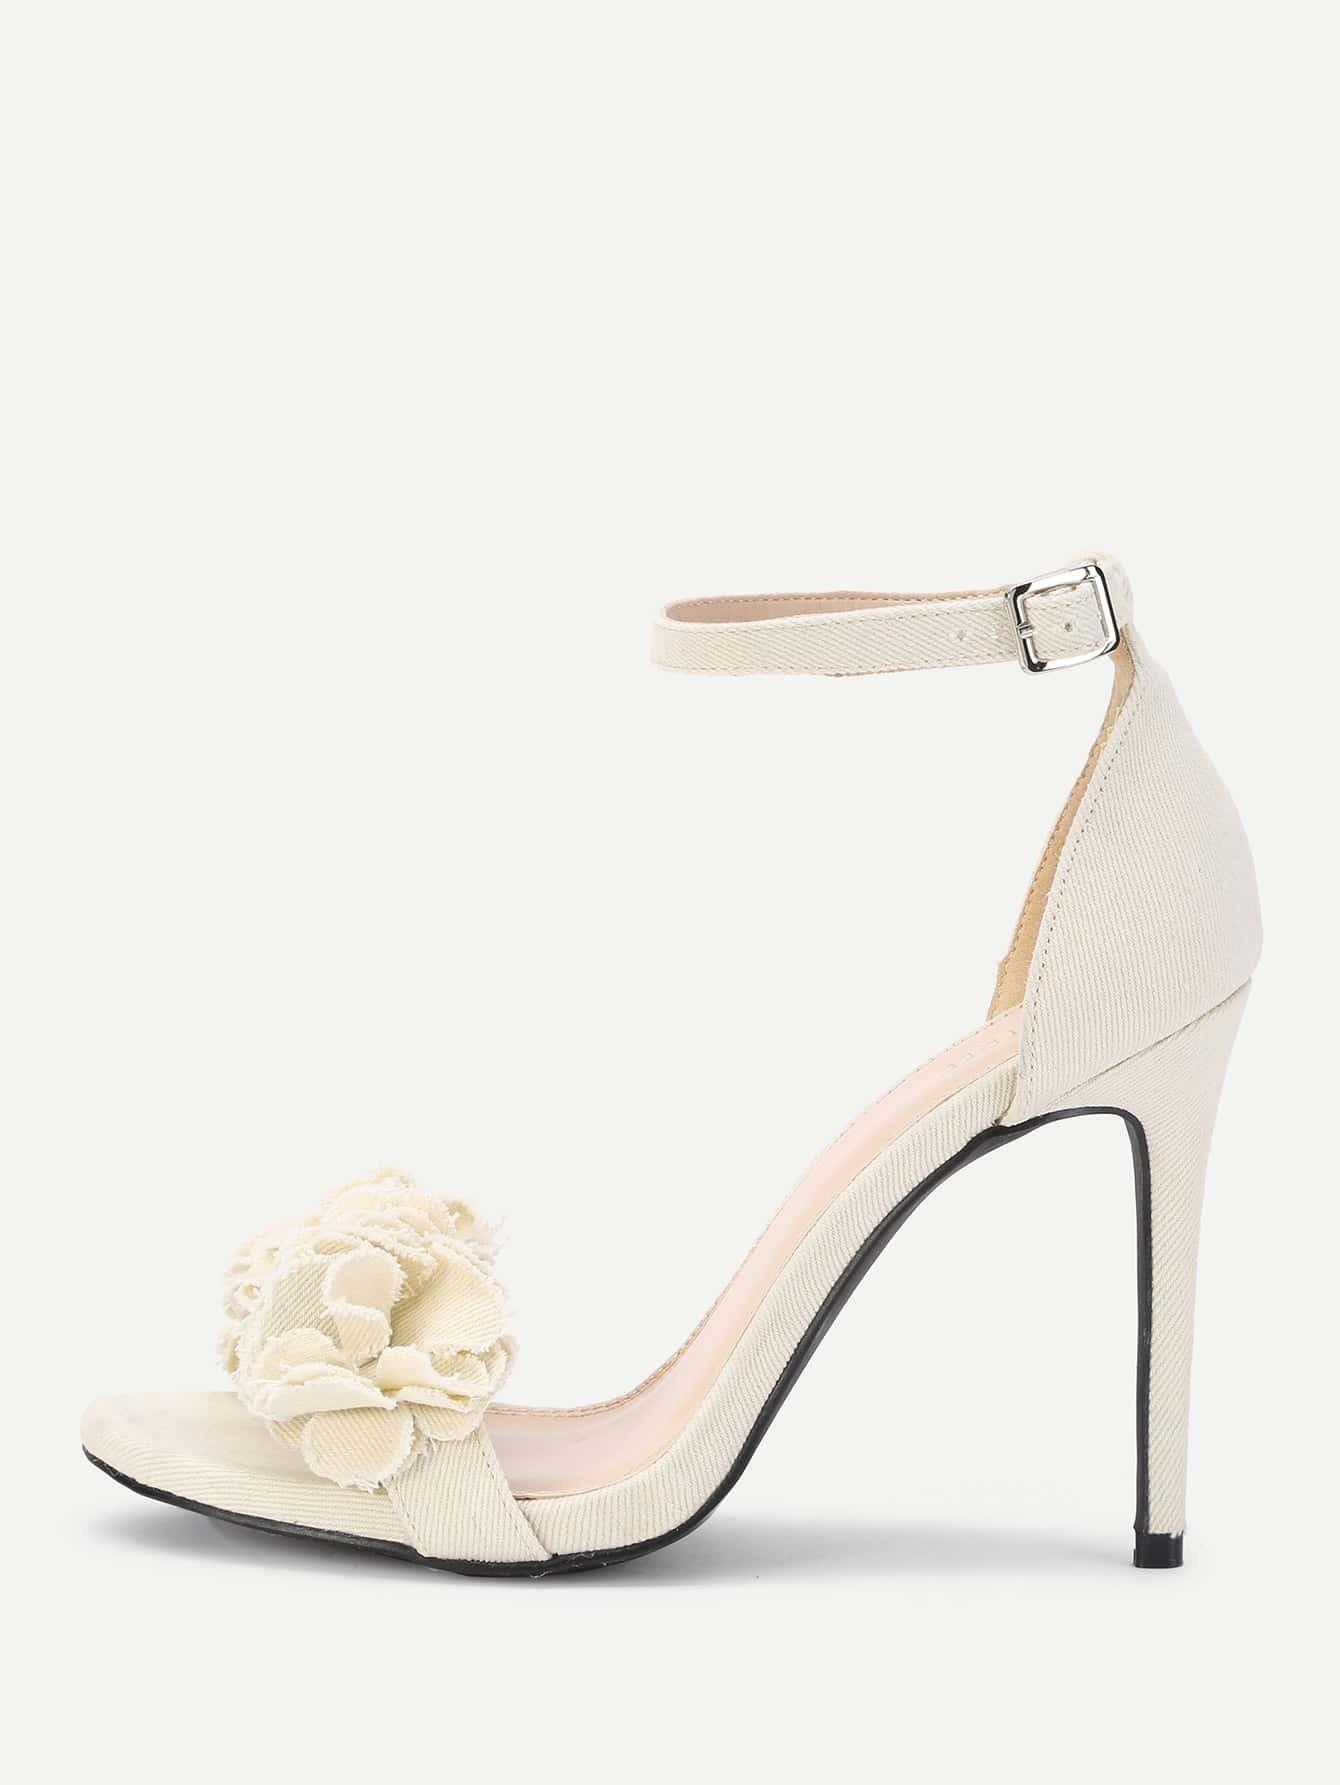 Flower Design Ankle Strap Heeled Sandals shoes17072302